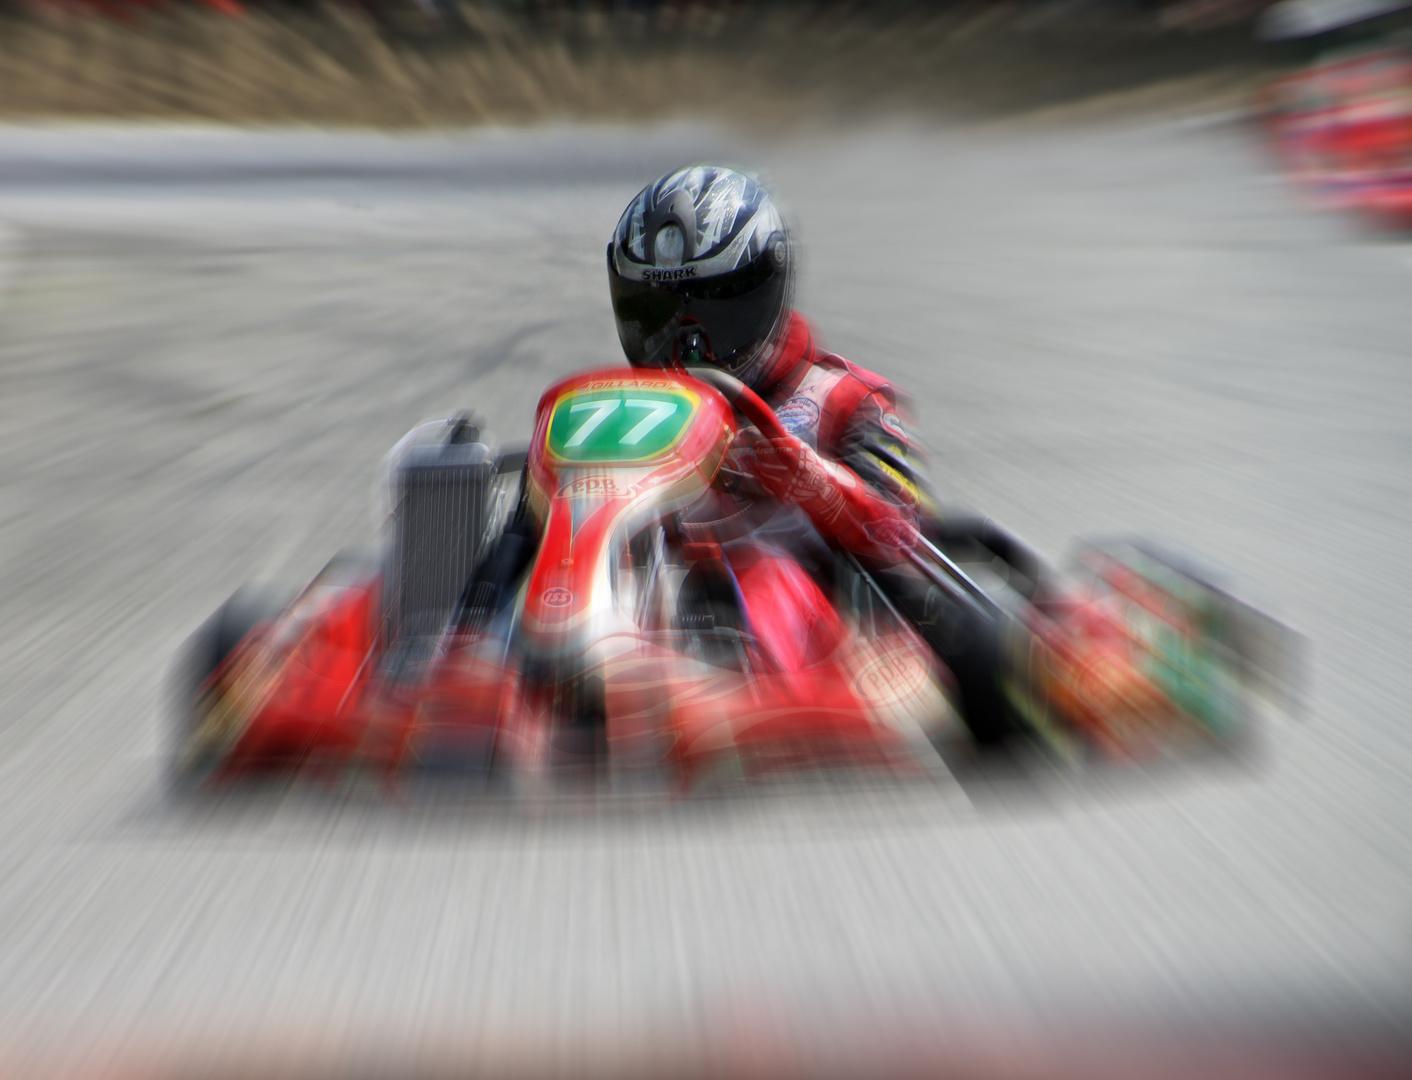 Dominic beim Kart-Rennen